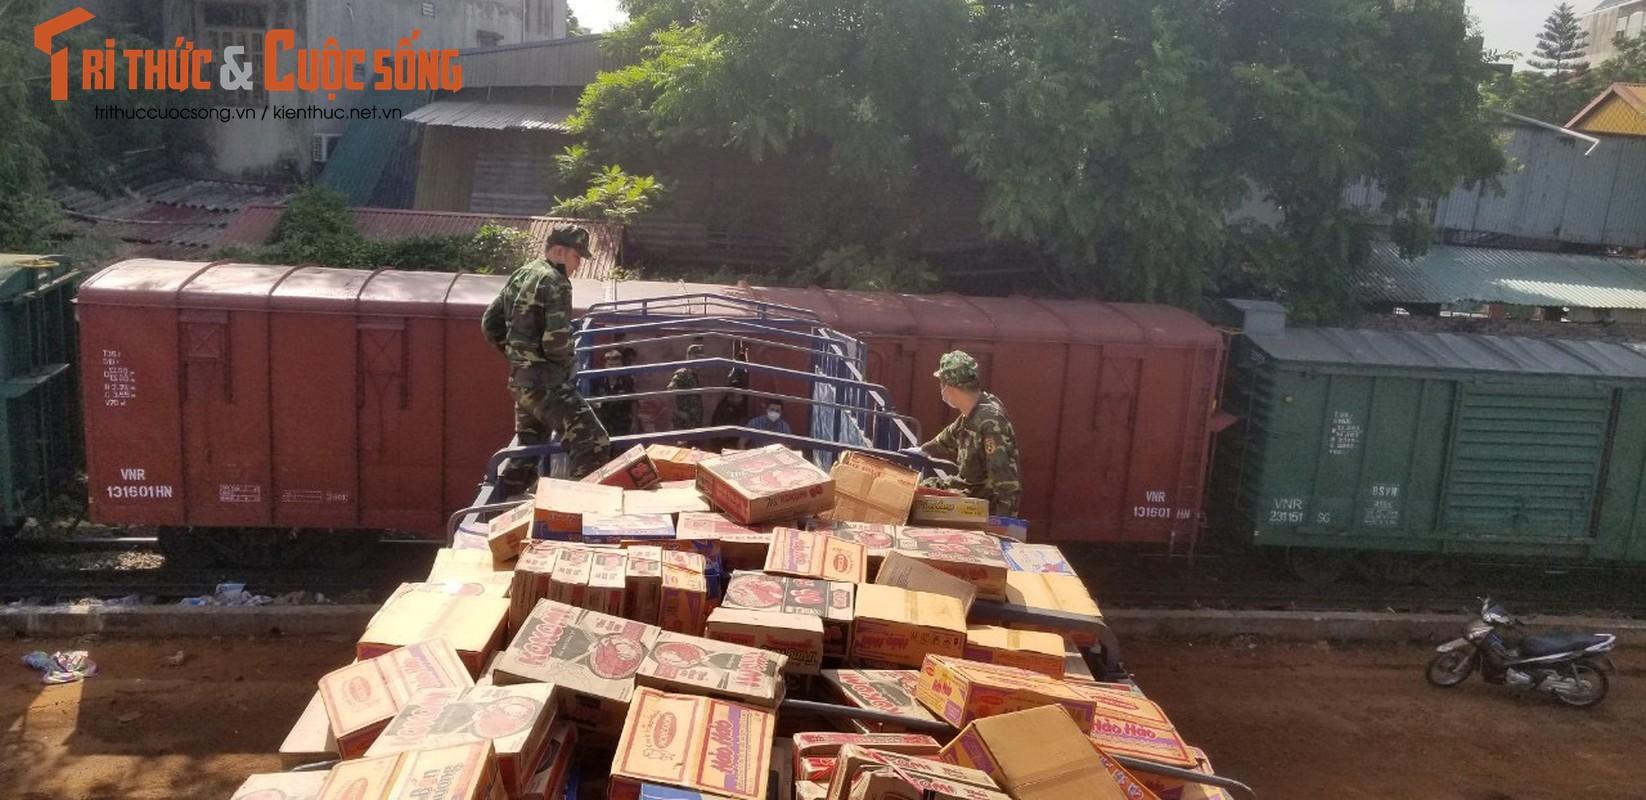 """400 tan hang hoa, nhu yeu pham len duong vao Nam """"tiep suc"""" chong dich COVID-19-Hinh-10"""